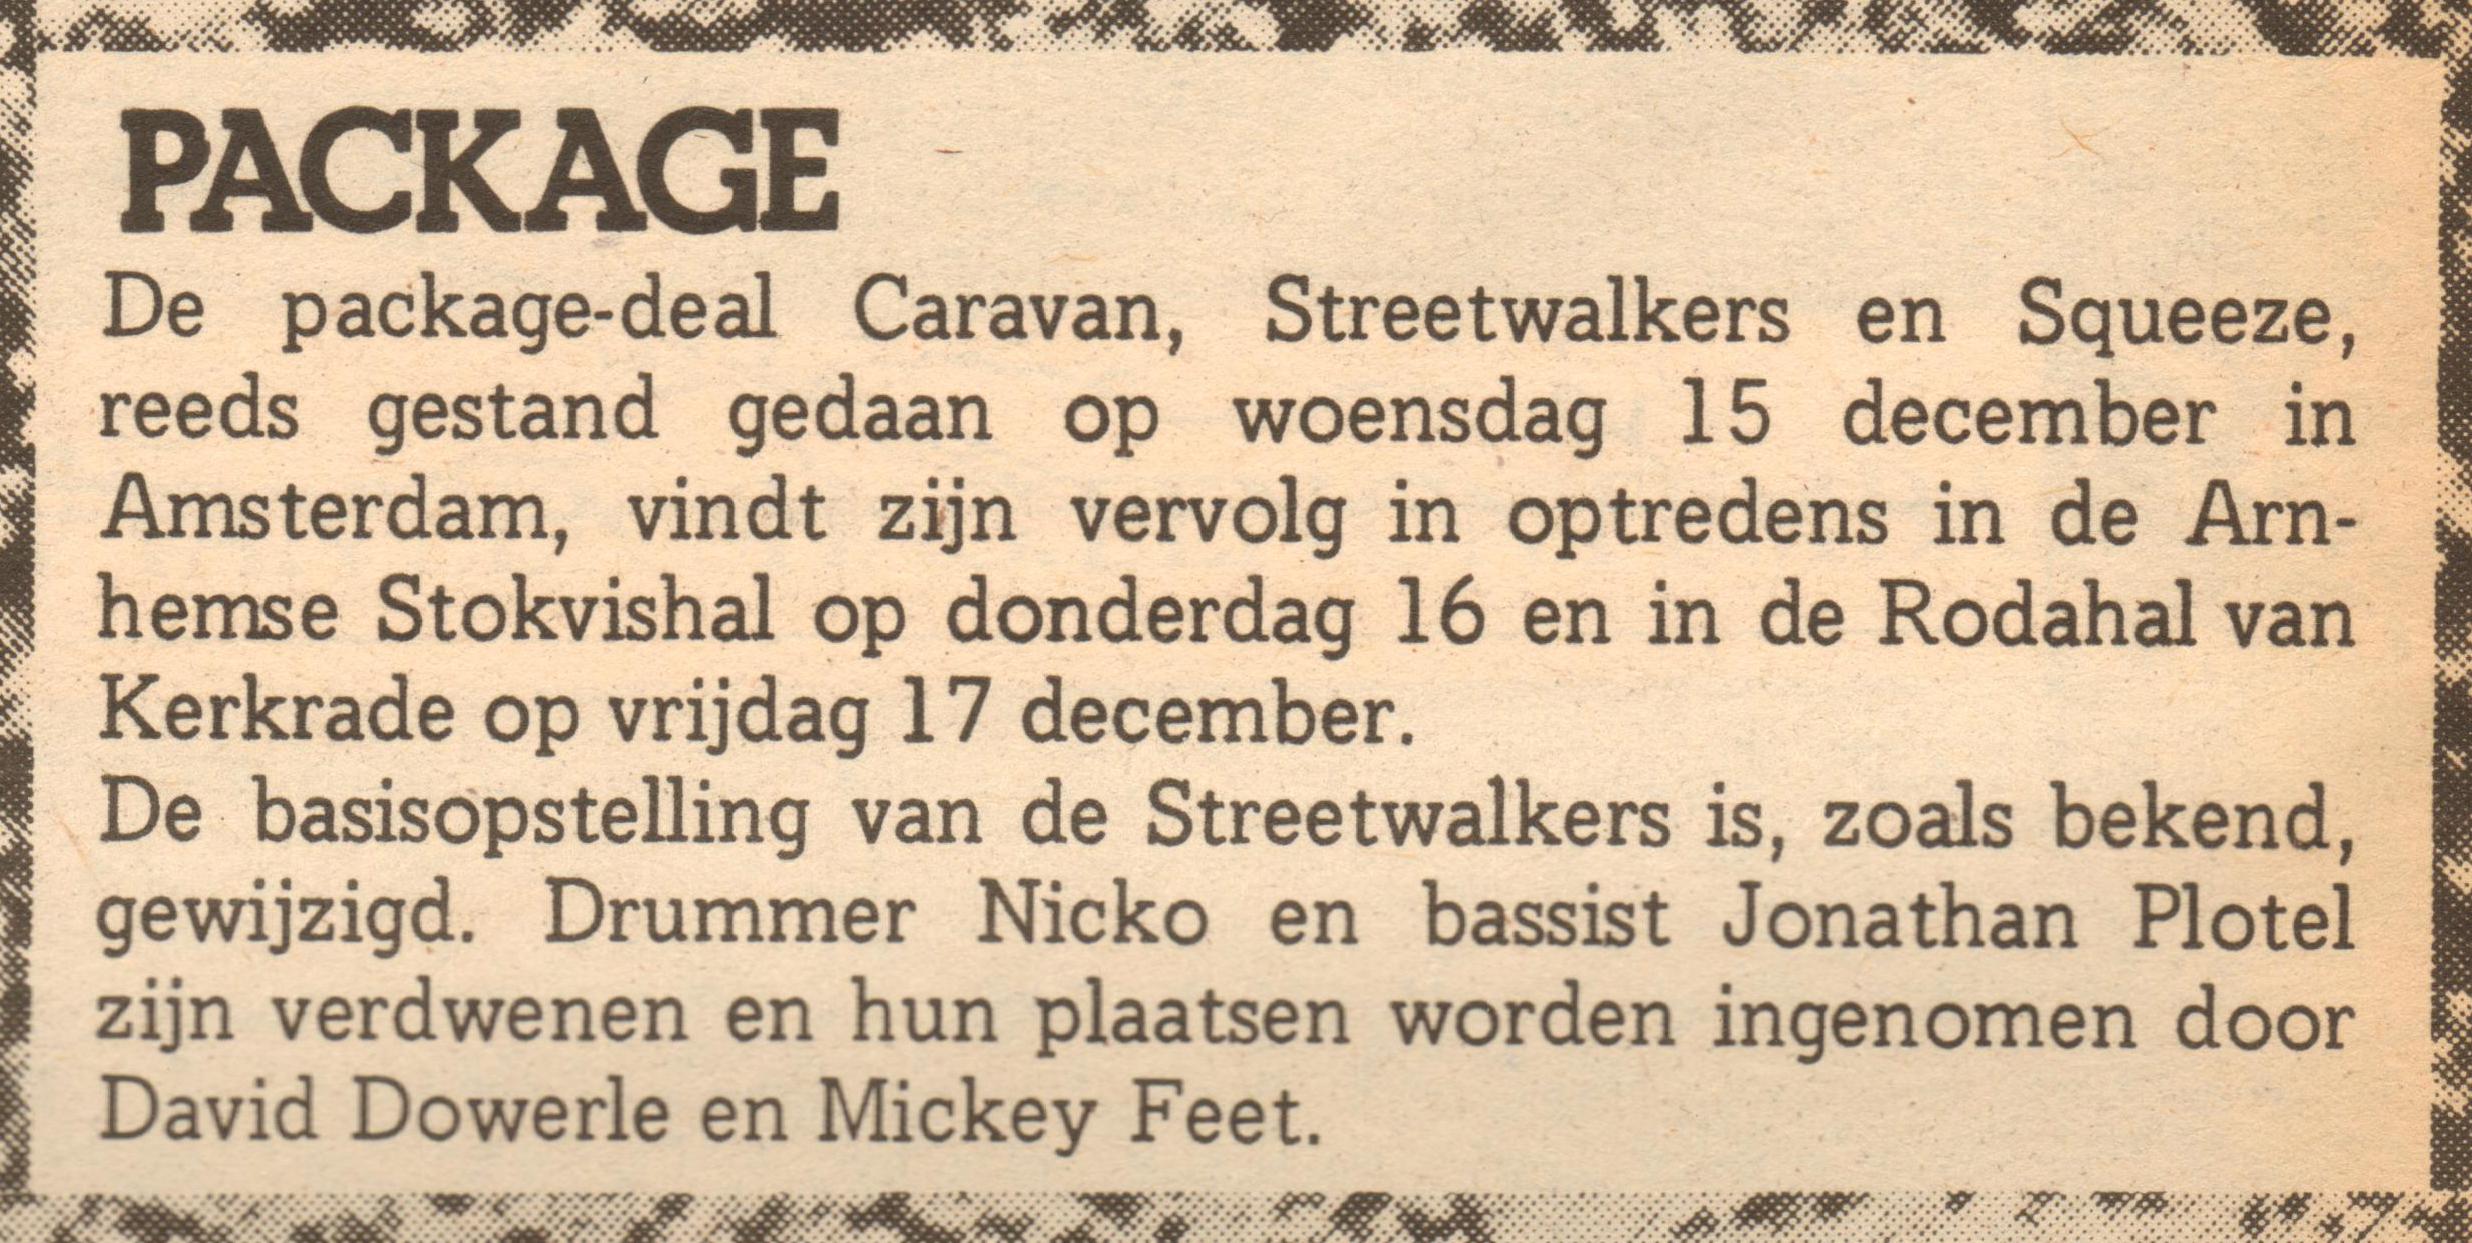 Squeeze Caravan Streetwalkers December 1976